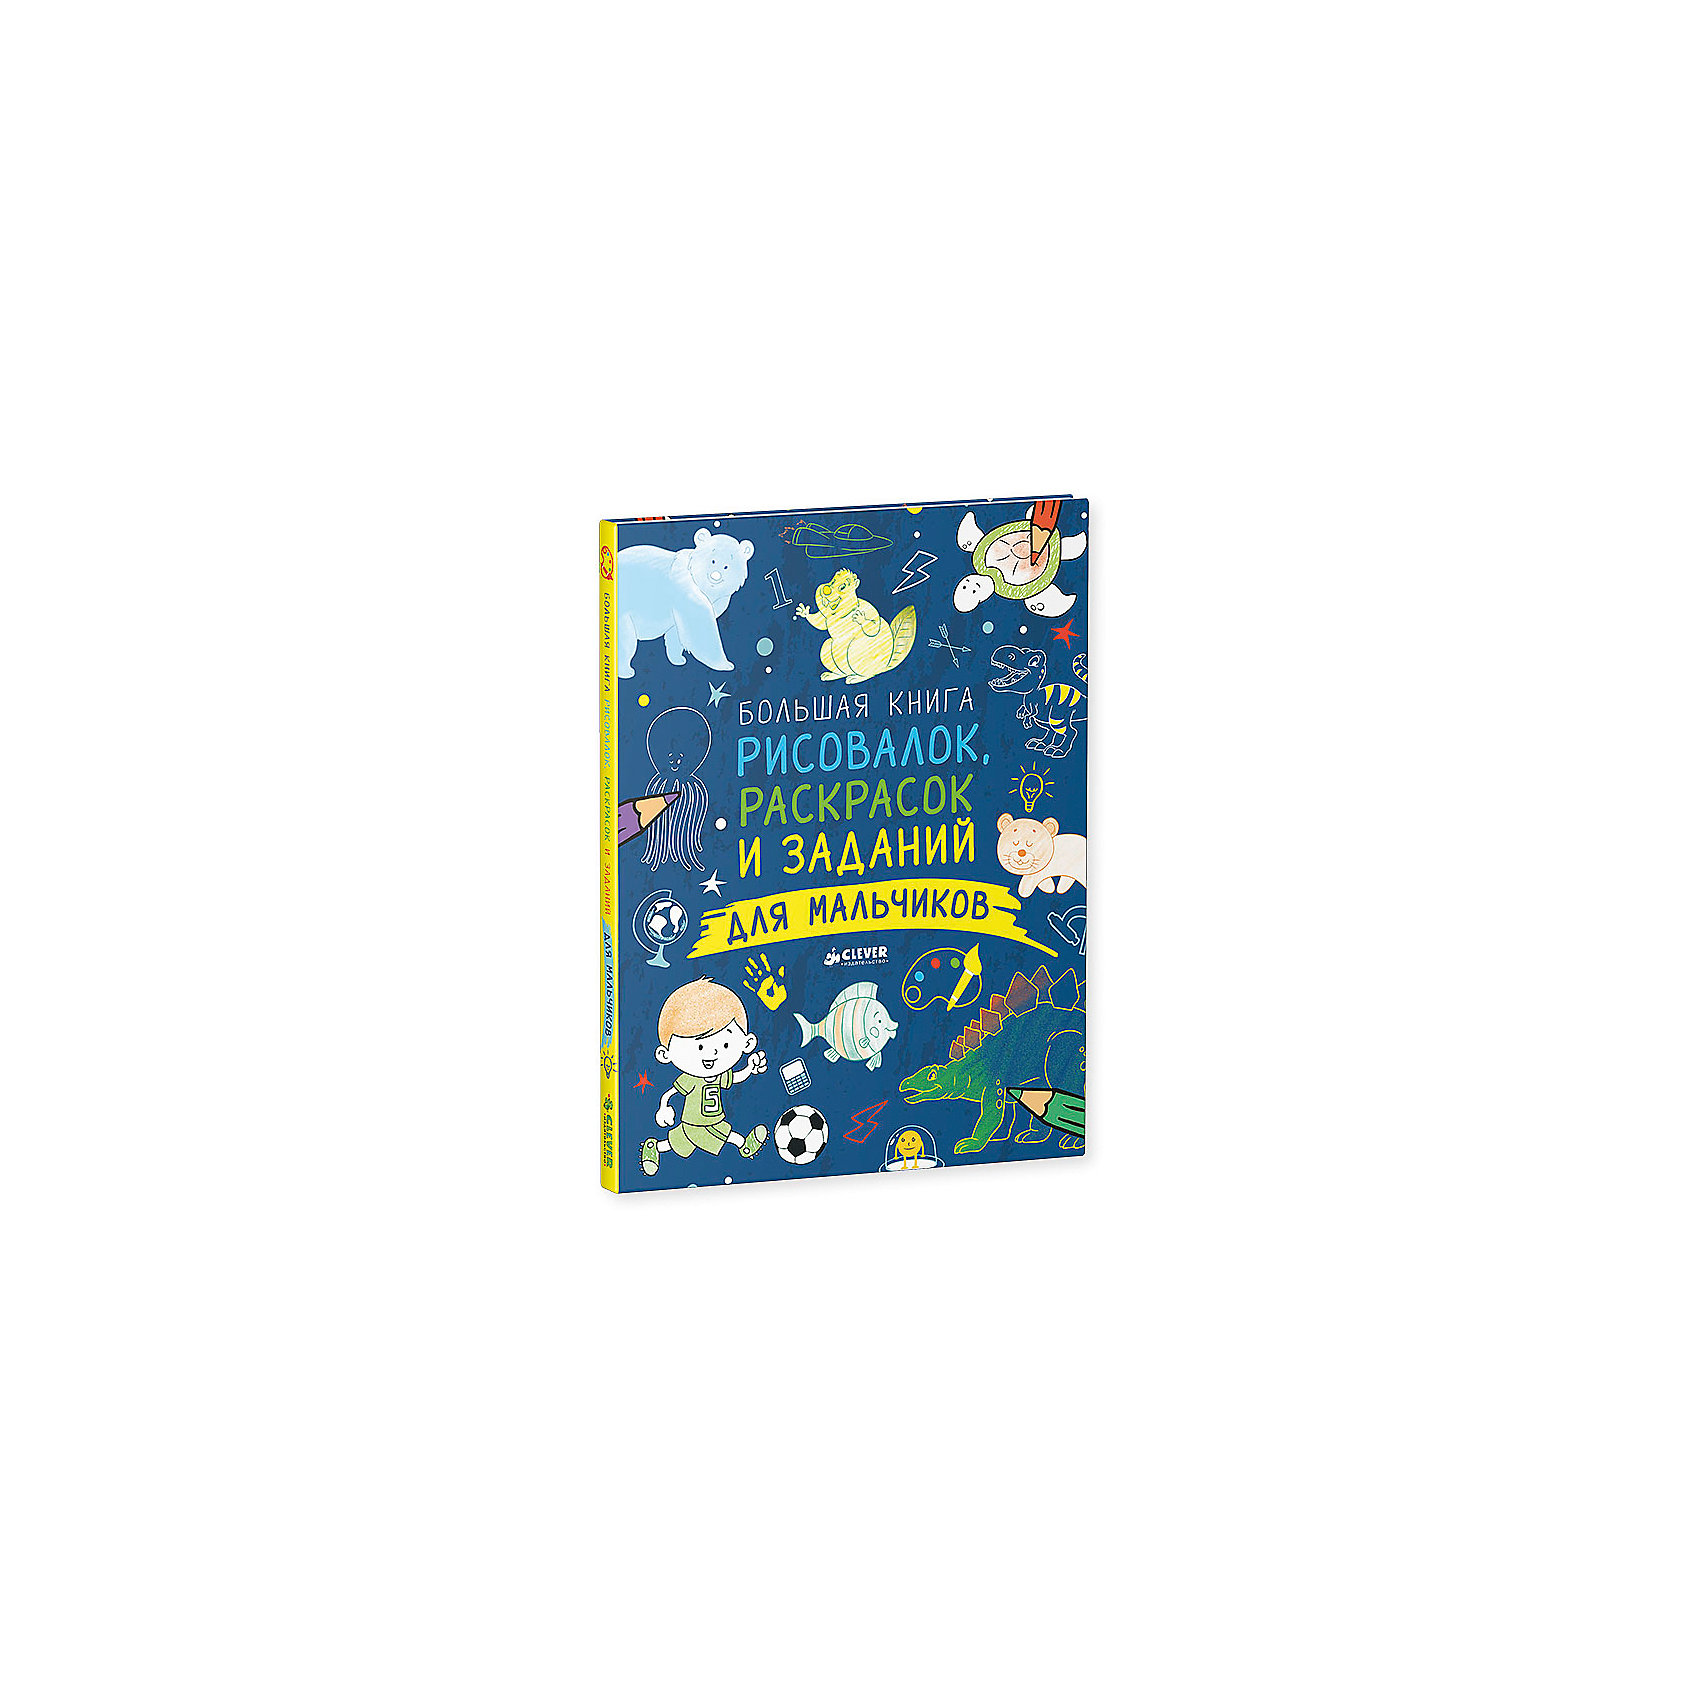 Большая книга рисовалок, раскрасок и заданий для мальчиковРаскраски по номерам<br>Характеристики товара:<br><br>• материал: картон, бумага<br>• возраст: от трех лет<br>• страниц: 160<br>• формат: 18х24 см<br>• развивающая<br>• твердая обложка<br>• цветные иллюстрации<br>• страна производства: Российская Федерация<br><br>В этой книге собраны интересные и развивающие задания, которые дополнены красочными иллюстрациями. Такие задания помогут родителям развлечь малыша и одновременно помочь ему развиваться. <br>Изделие очень качественно выполнено, обложка - красивая. Формат - удобный. Такая книжка станет отличным подарком для ответственных родителей. Подобные задания помогают детям научиться логически мыслить, обобщать, а также развивают память, фантазию и внимание. Подходит для детей от трех лет.<br><br>Издание Большая книга рисовалок, раскрасок и заданий для мальчиков можно купить в нашем интернет-магазине.<br><br>Ширина мм: 240<br>Глубина мм: 185<br>Высота мм: 8<br>Вес г: 250<br>Возраст от месяцев: 84<br>Возраст до месяцев: 132<br>Пол: Мужской<br>Возраст: Детский<br>SKU: 5279330